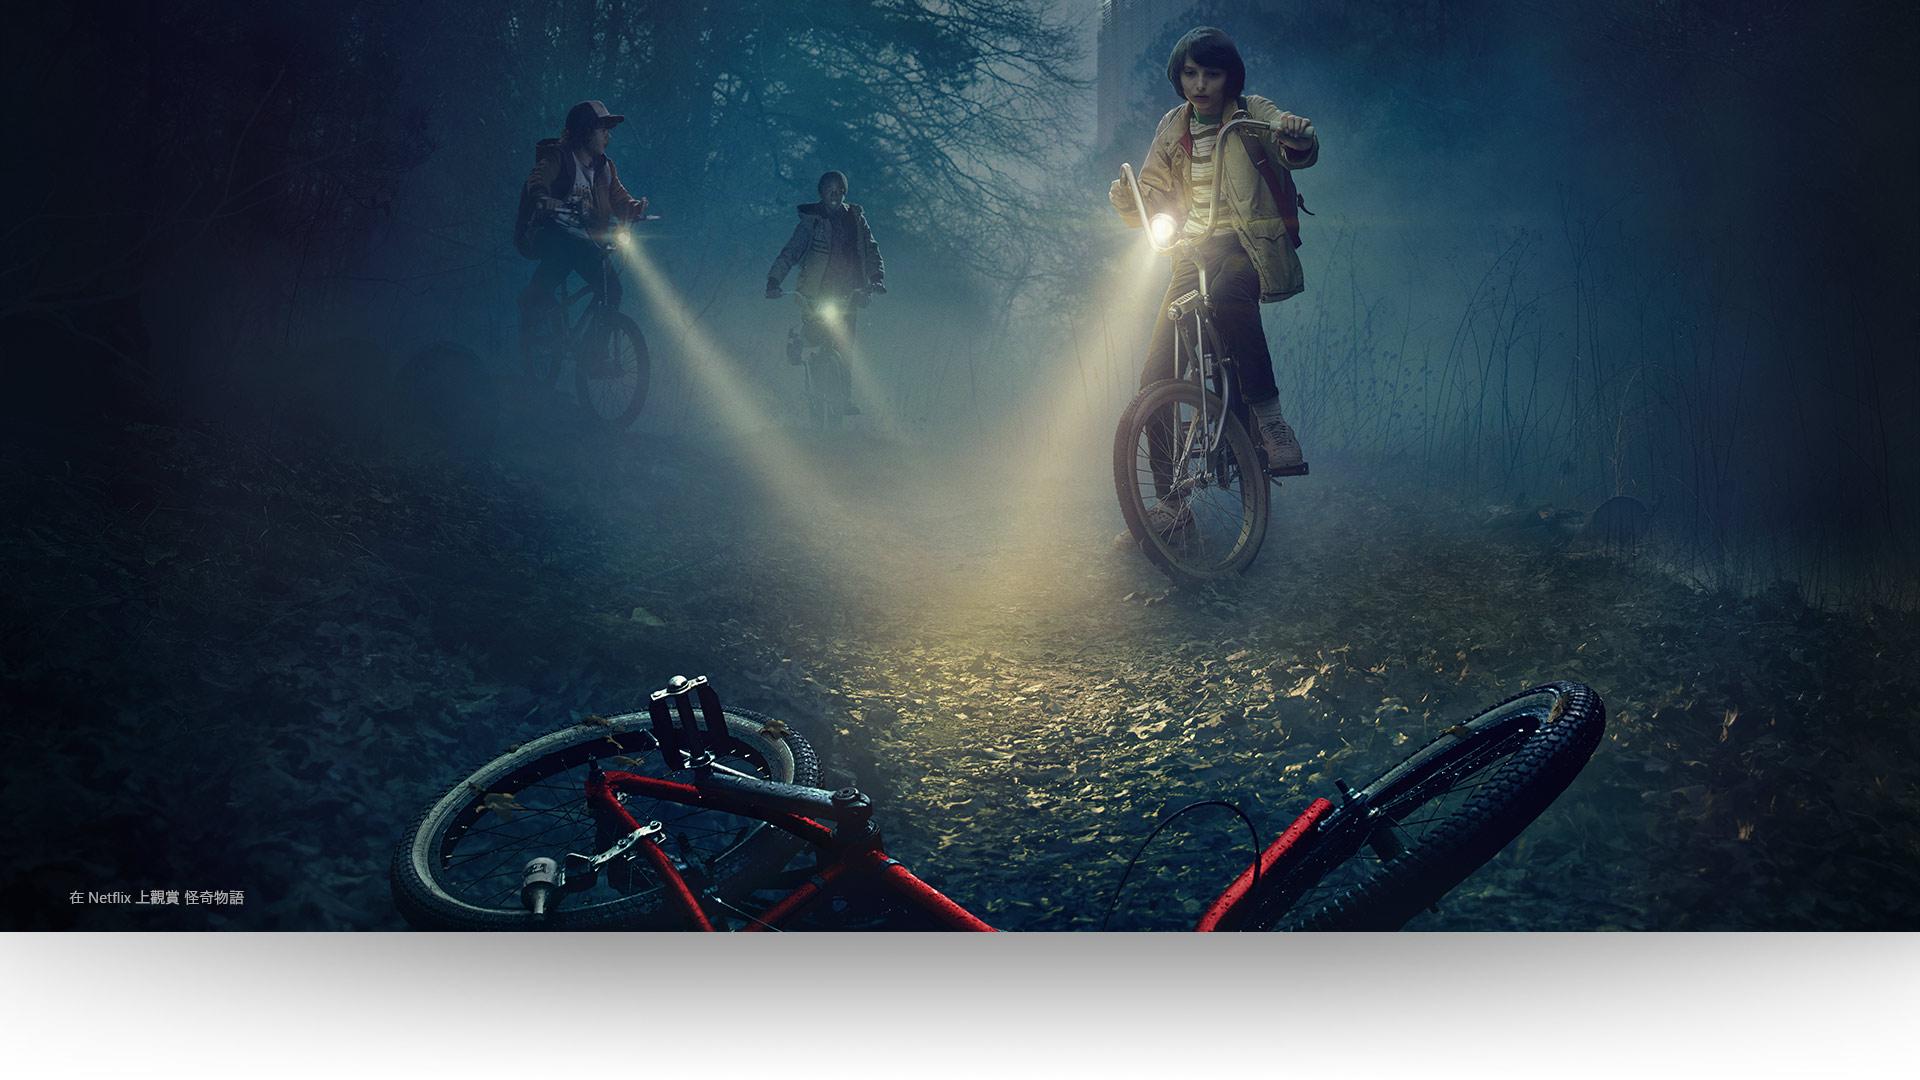 Stranger things 裡小孩在樹林裡發現腳踏車的場景